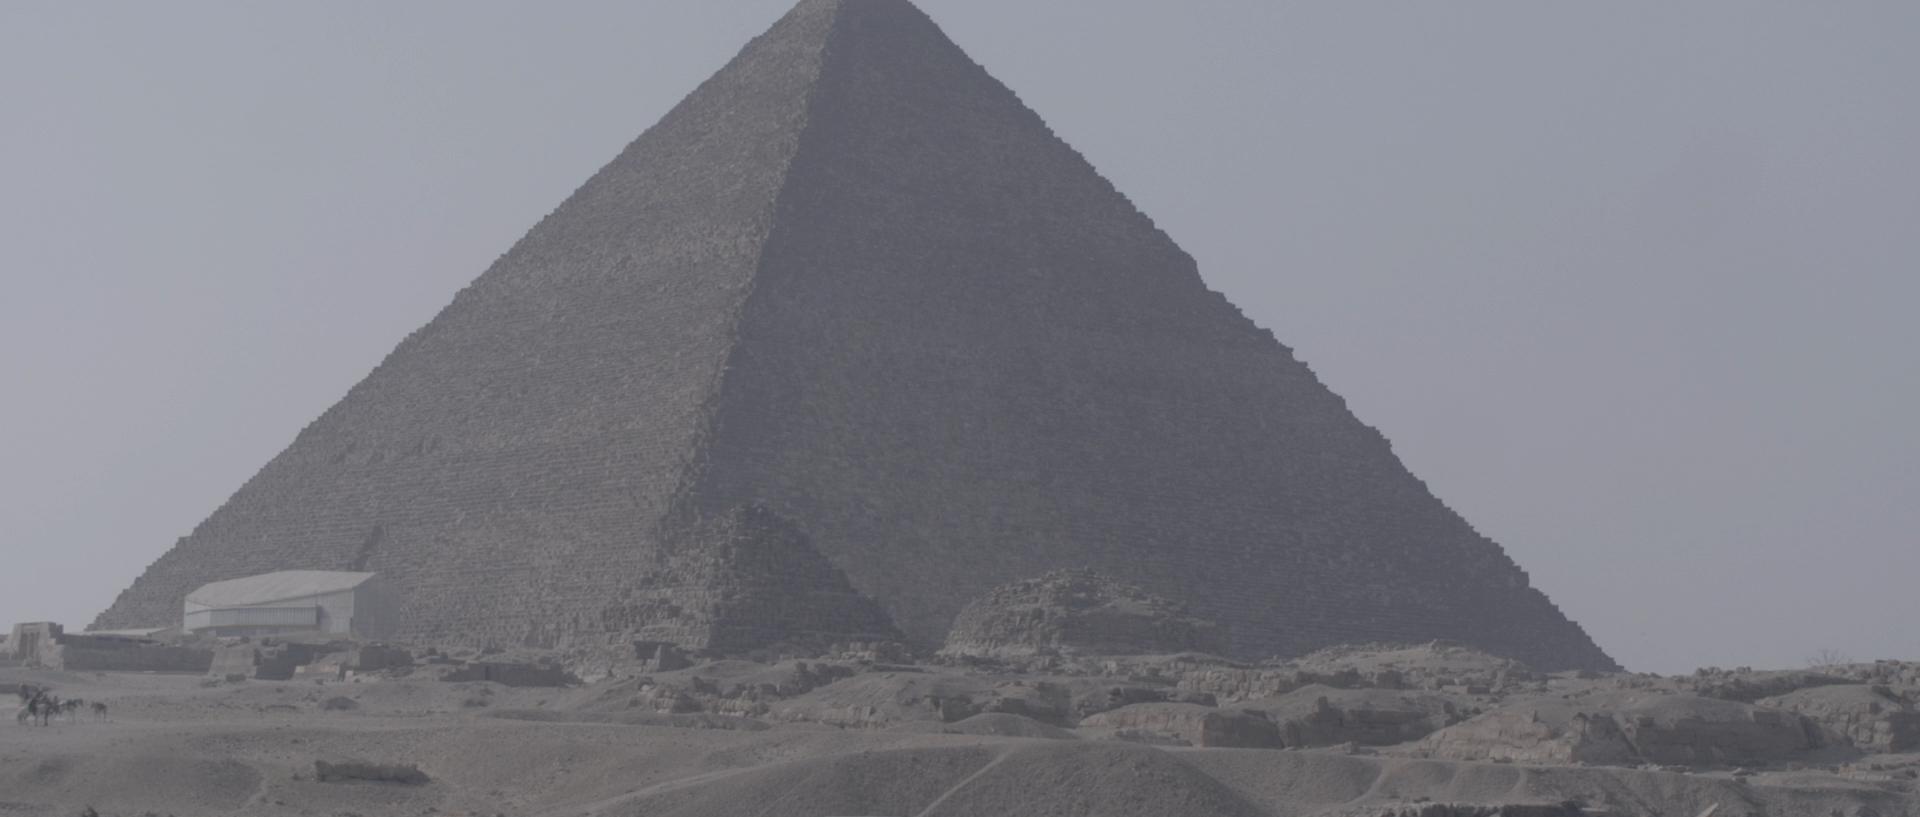 Sara al arab land rover_1.125.1.jpg